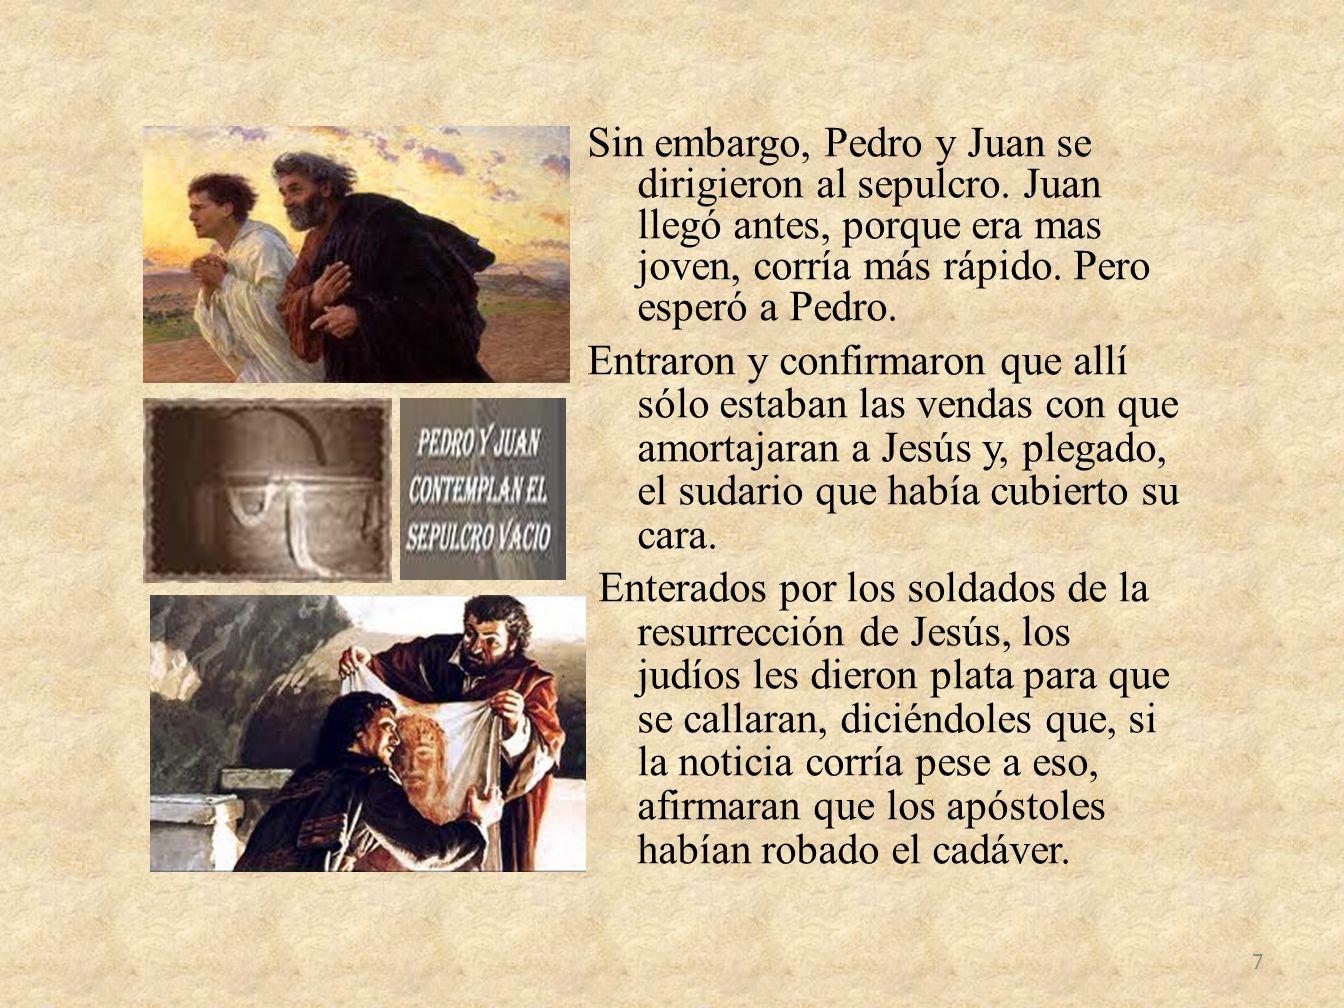 Sin embargo, Pedro y Juan se dirigieron al sepulcro. Juan llegó antes, porque era mas joven, corría más rápido. Pero esperó a Pedro. Entraron y confir